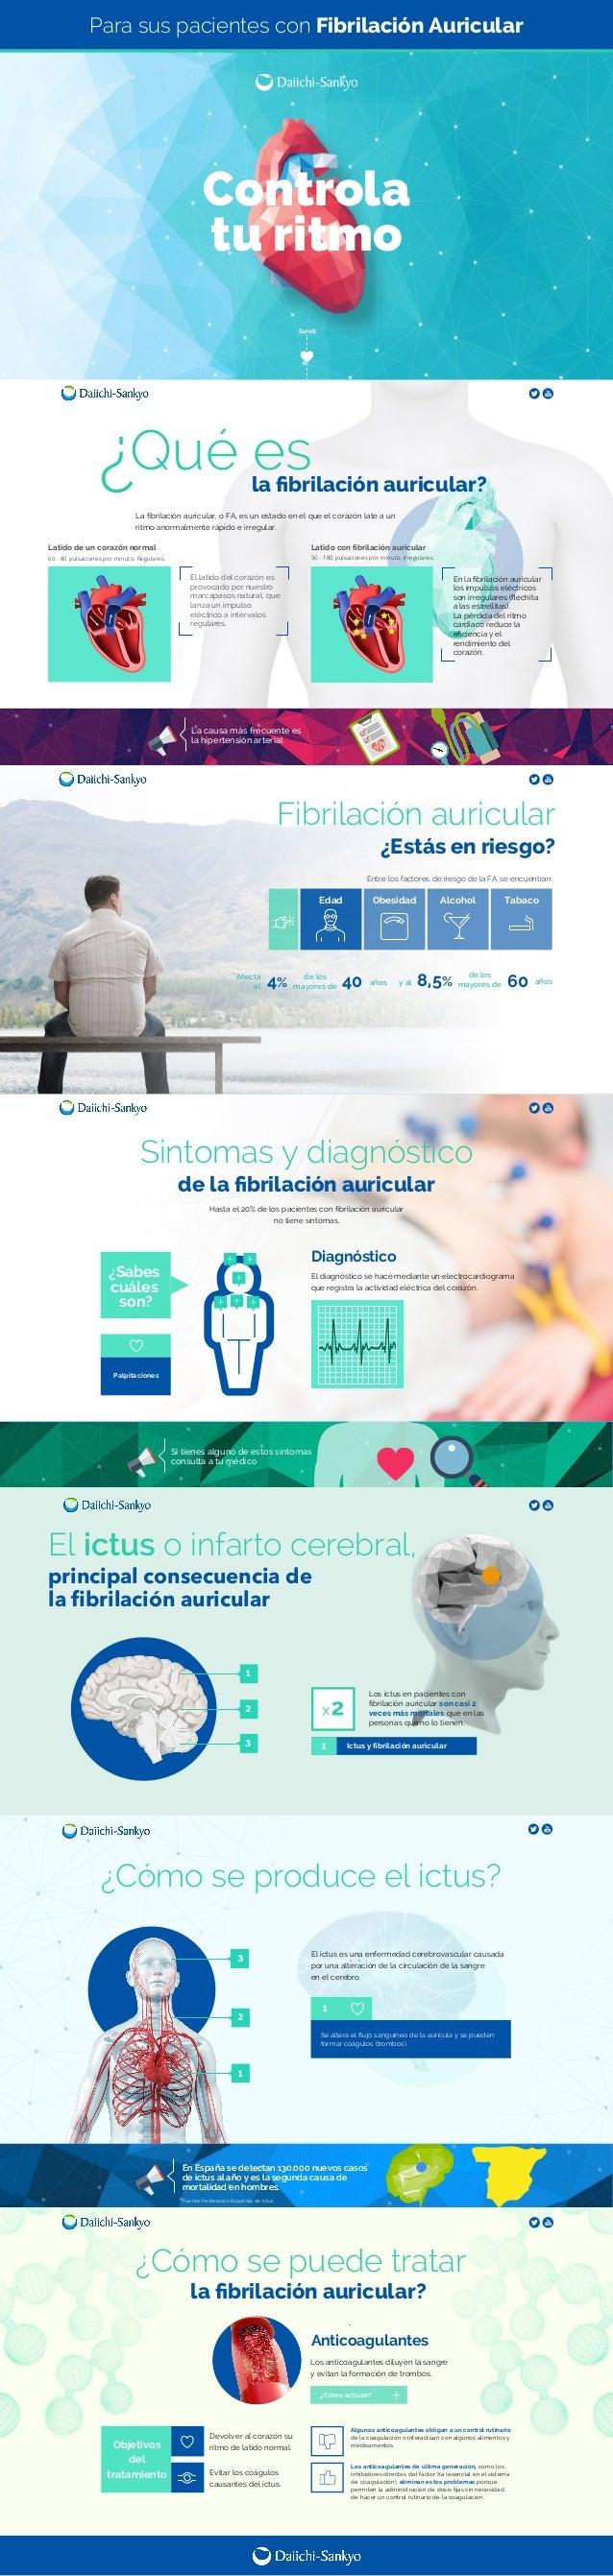 La causa más frecuente es la hipertensión arterial Si tienes alguno de estos síntomas consulta a tu médico El ictus es una...